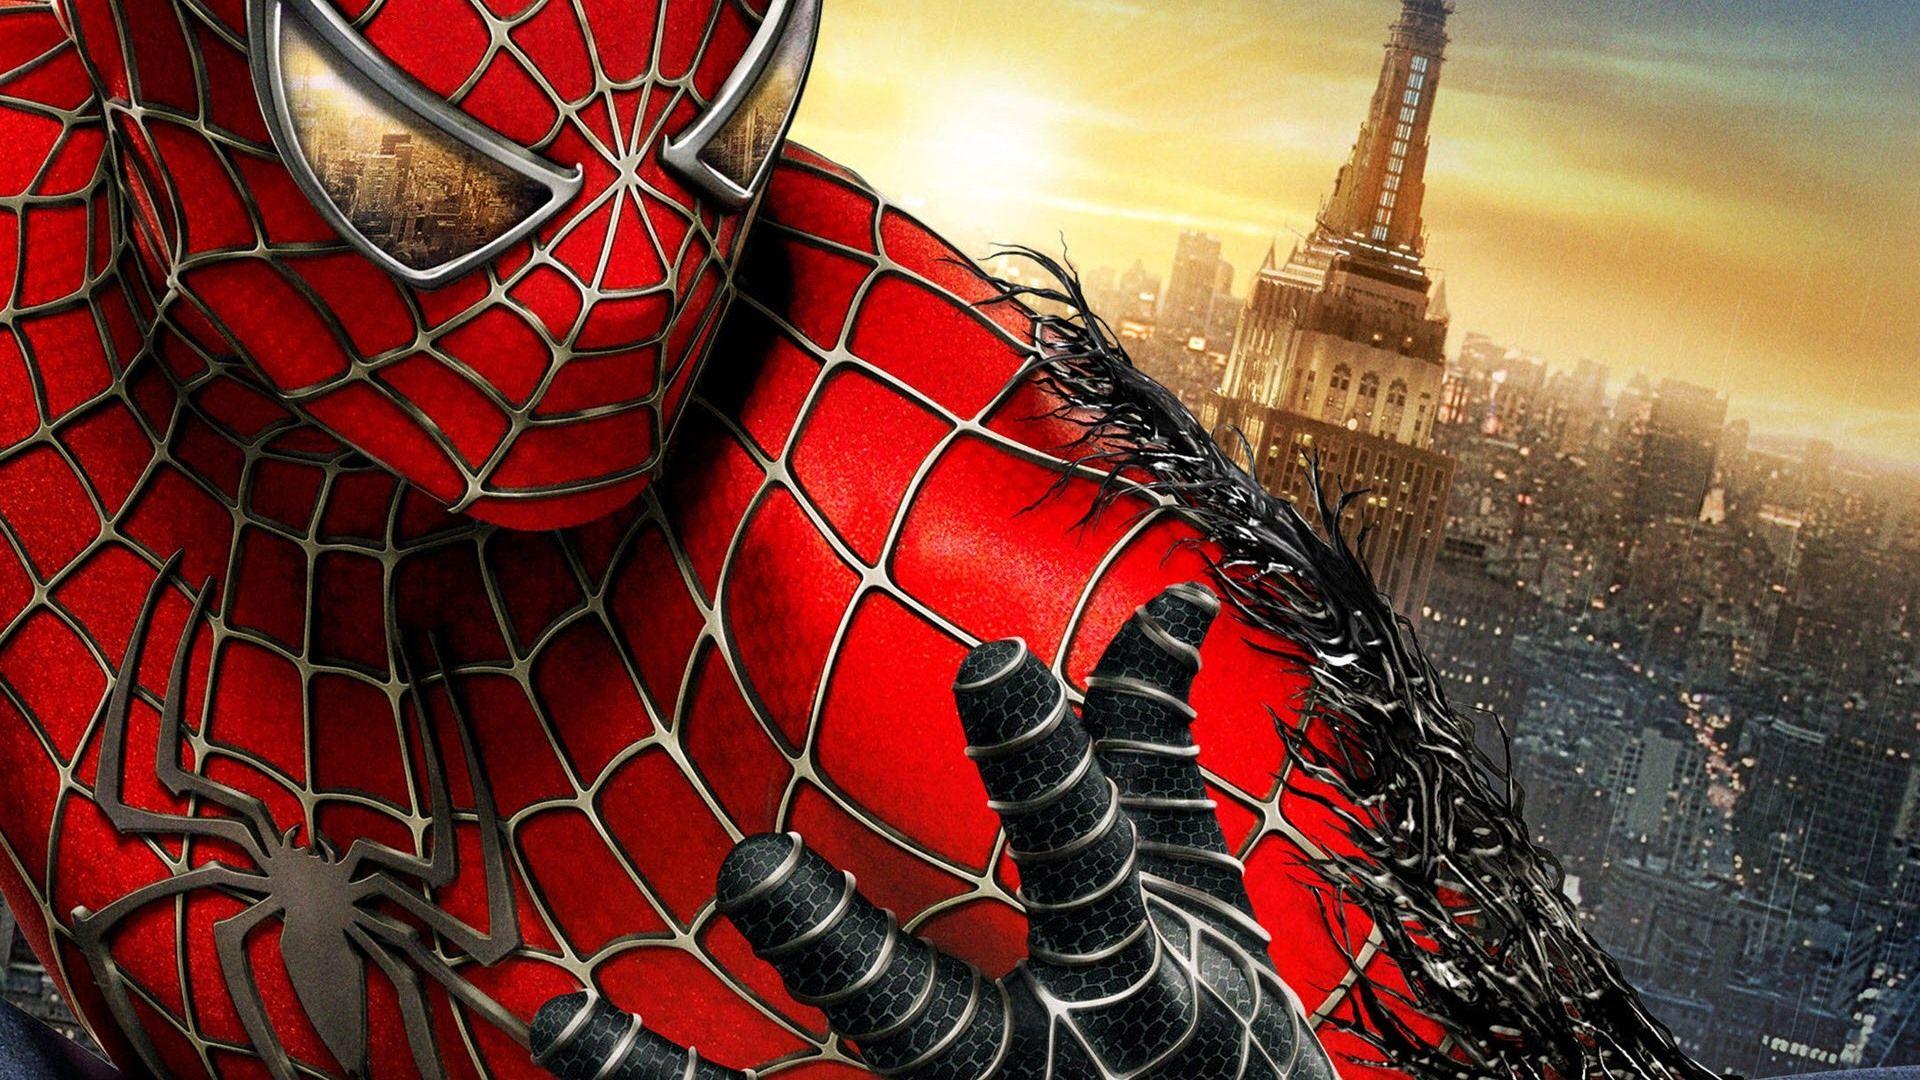 Computer The Amazing Spiderman Wallpapers, Desktop ...